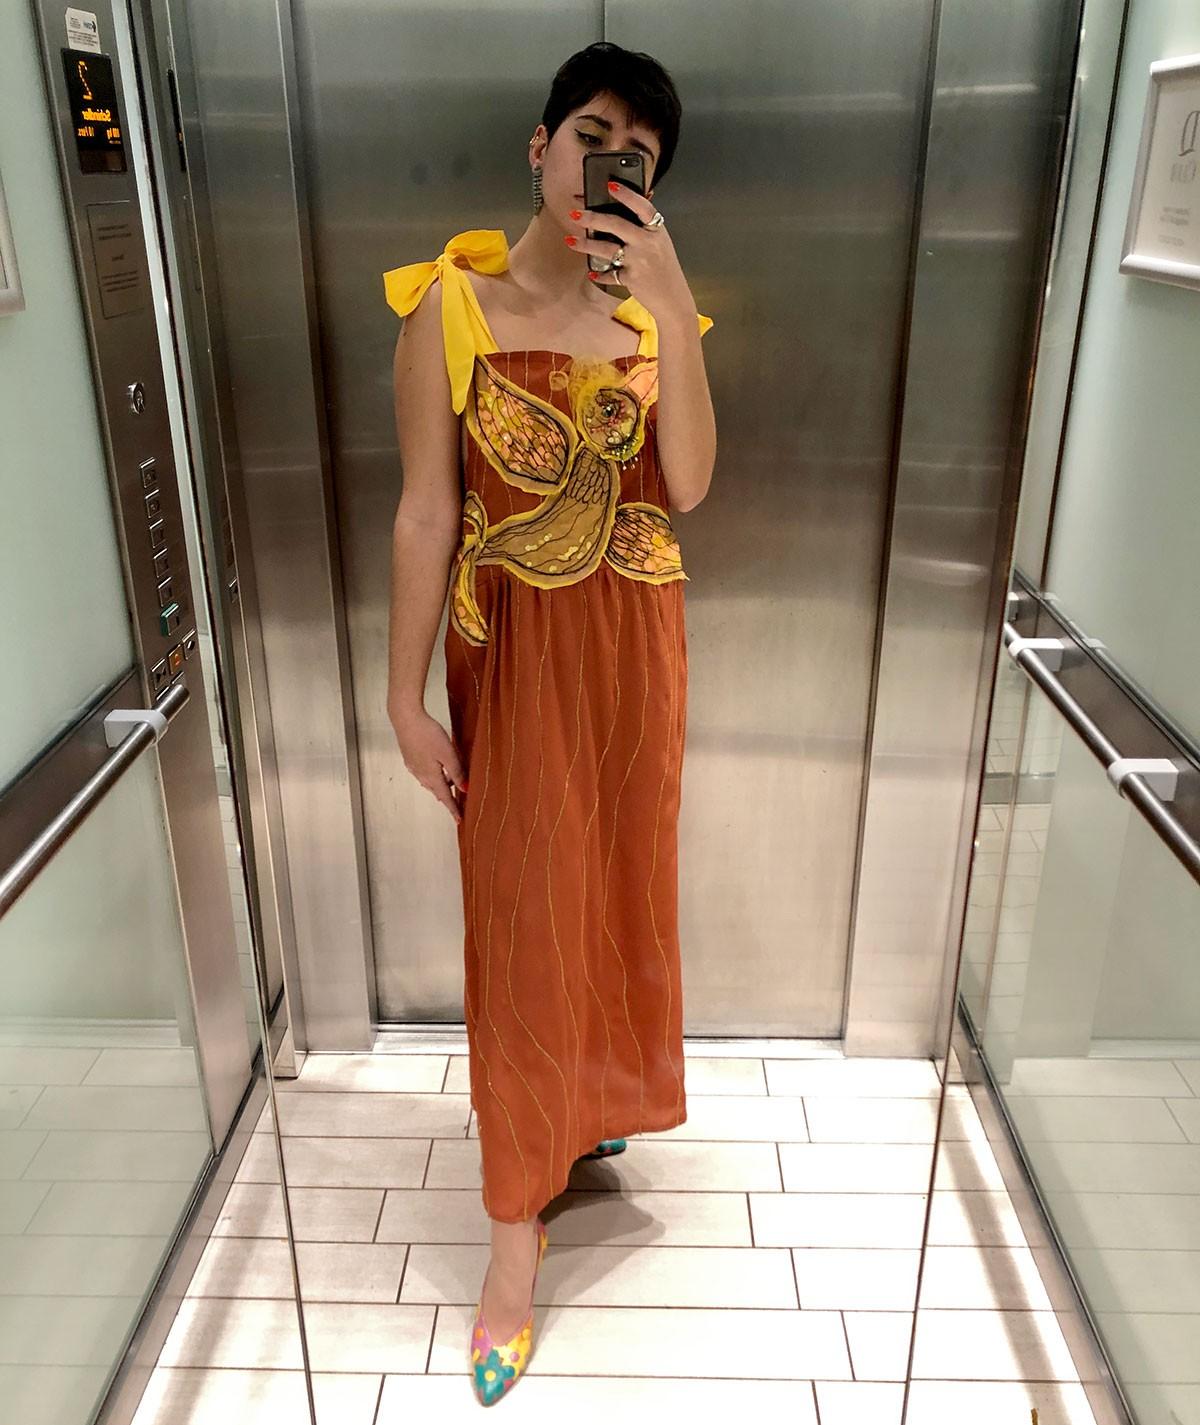 Bird Dress with bow straps